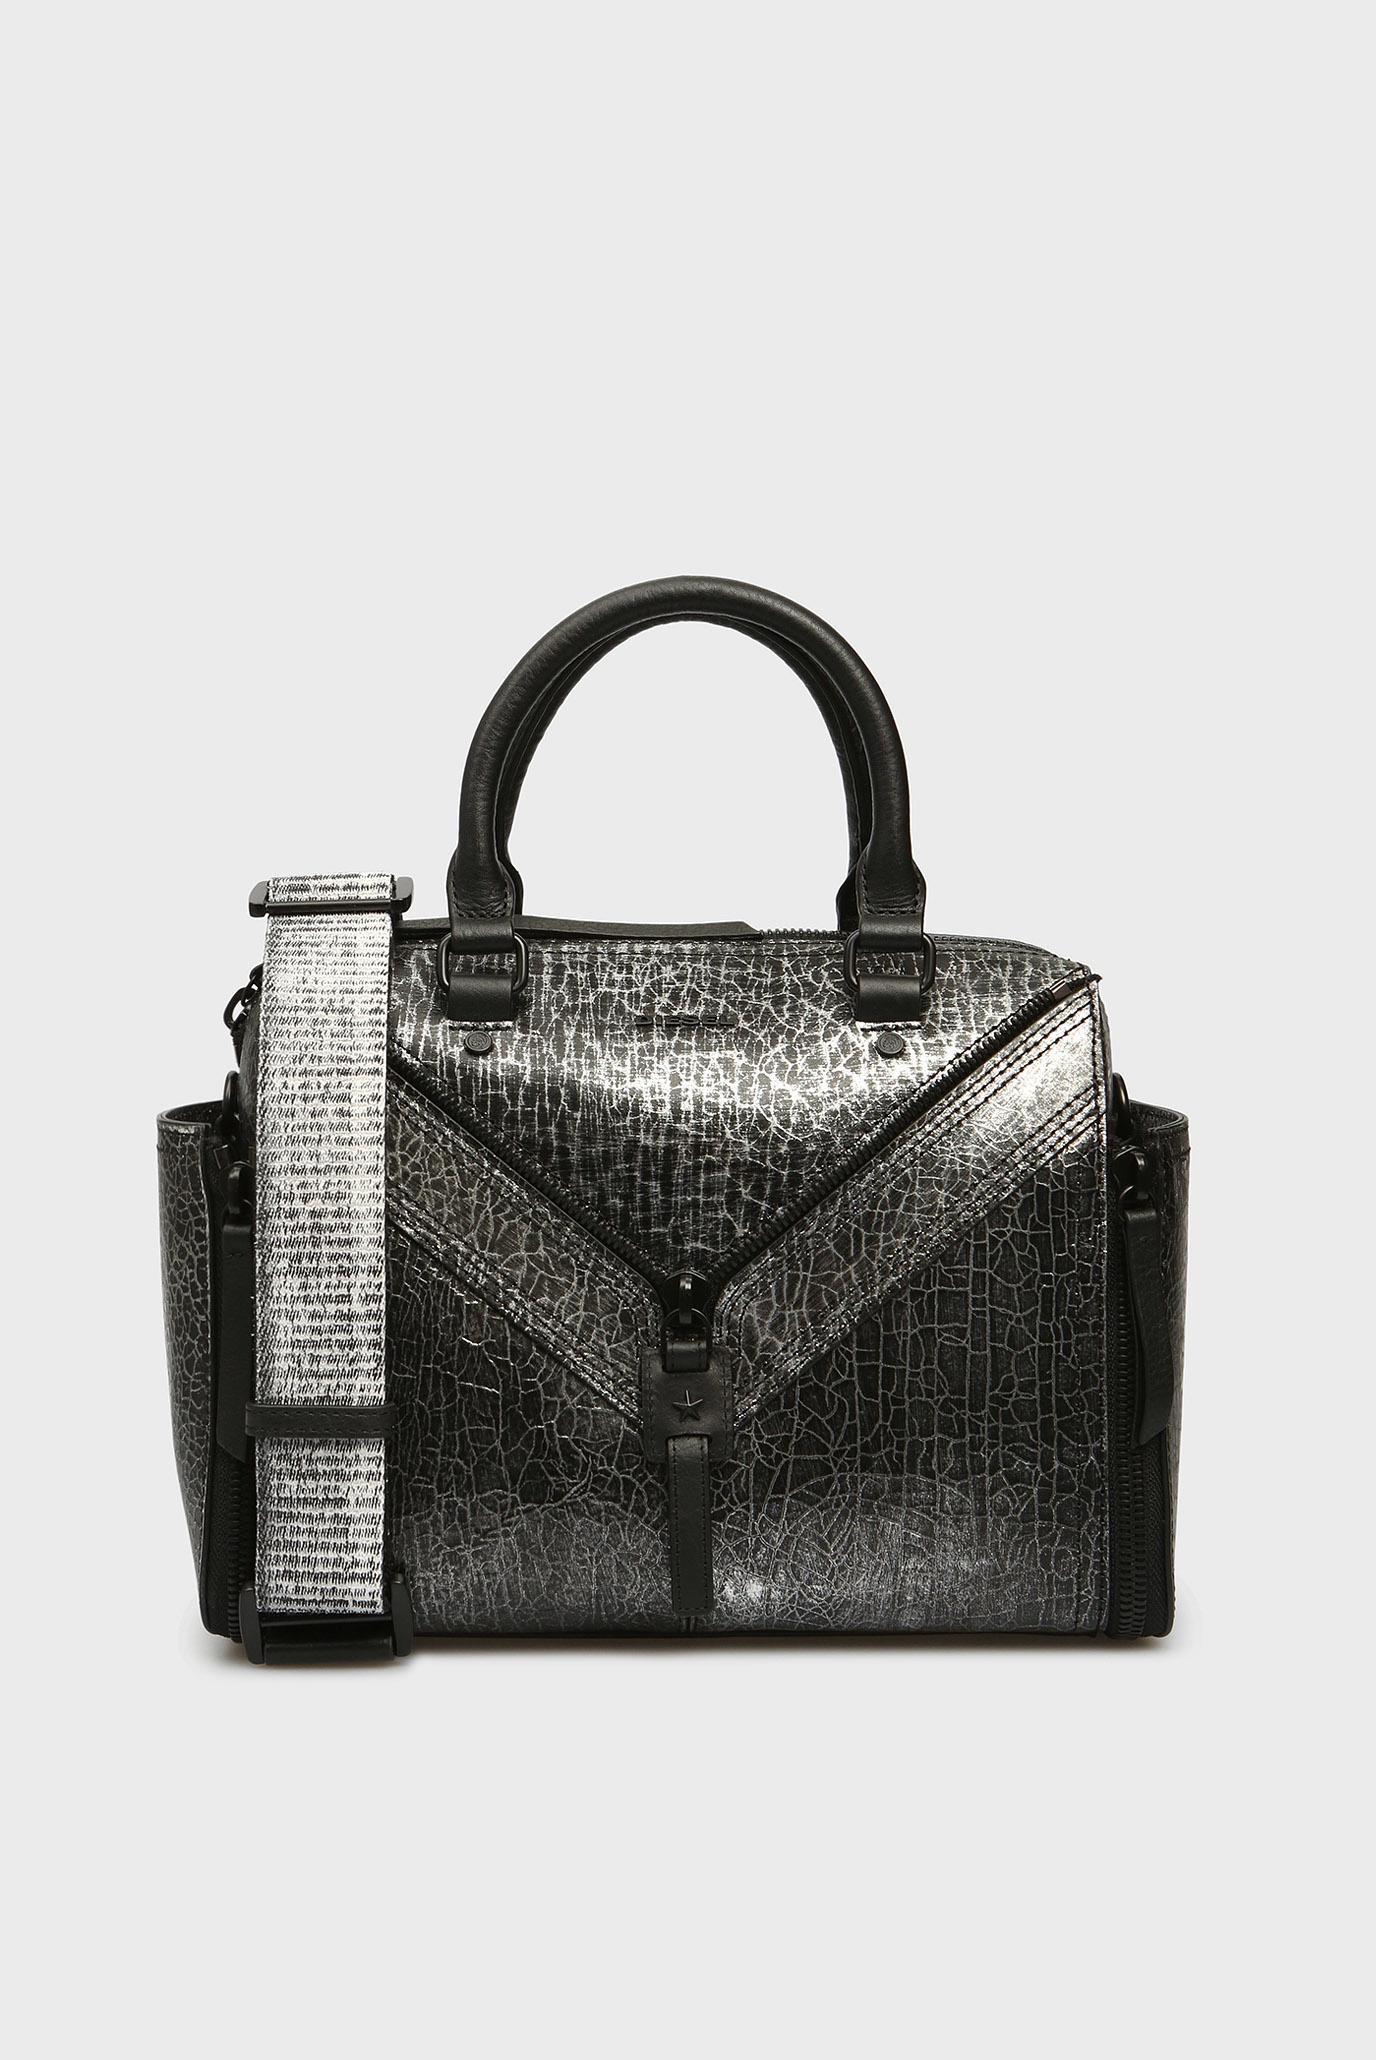 9a9357a47cb2 Купить Женская черная кожаная сумка на плечо Diesel Diesel X03629 P1819 –  Киев, Украина. Цены в интернет ...